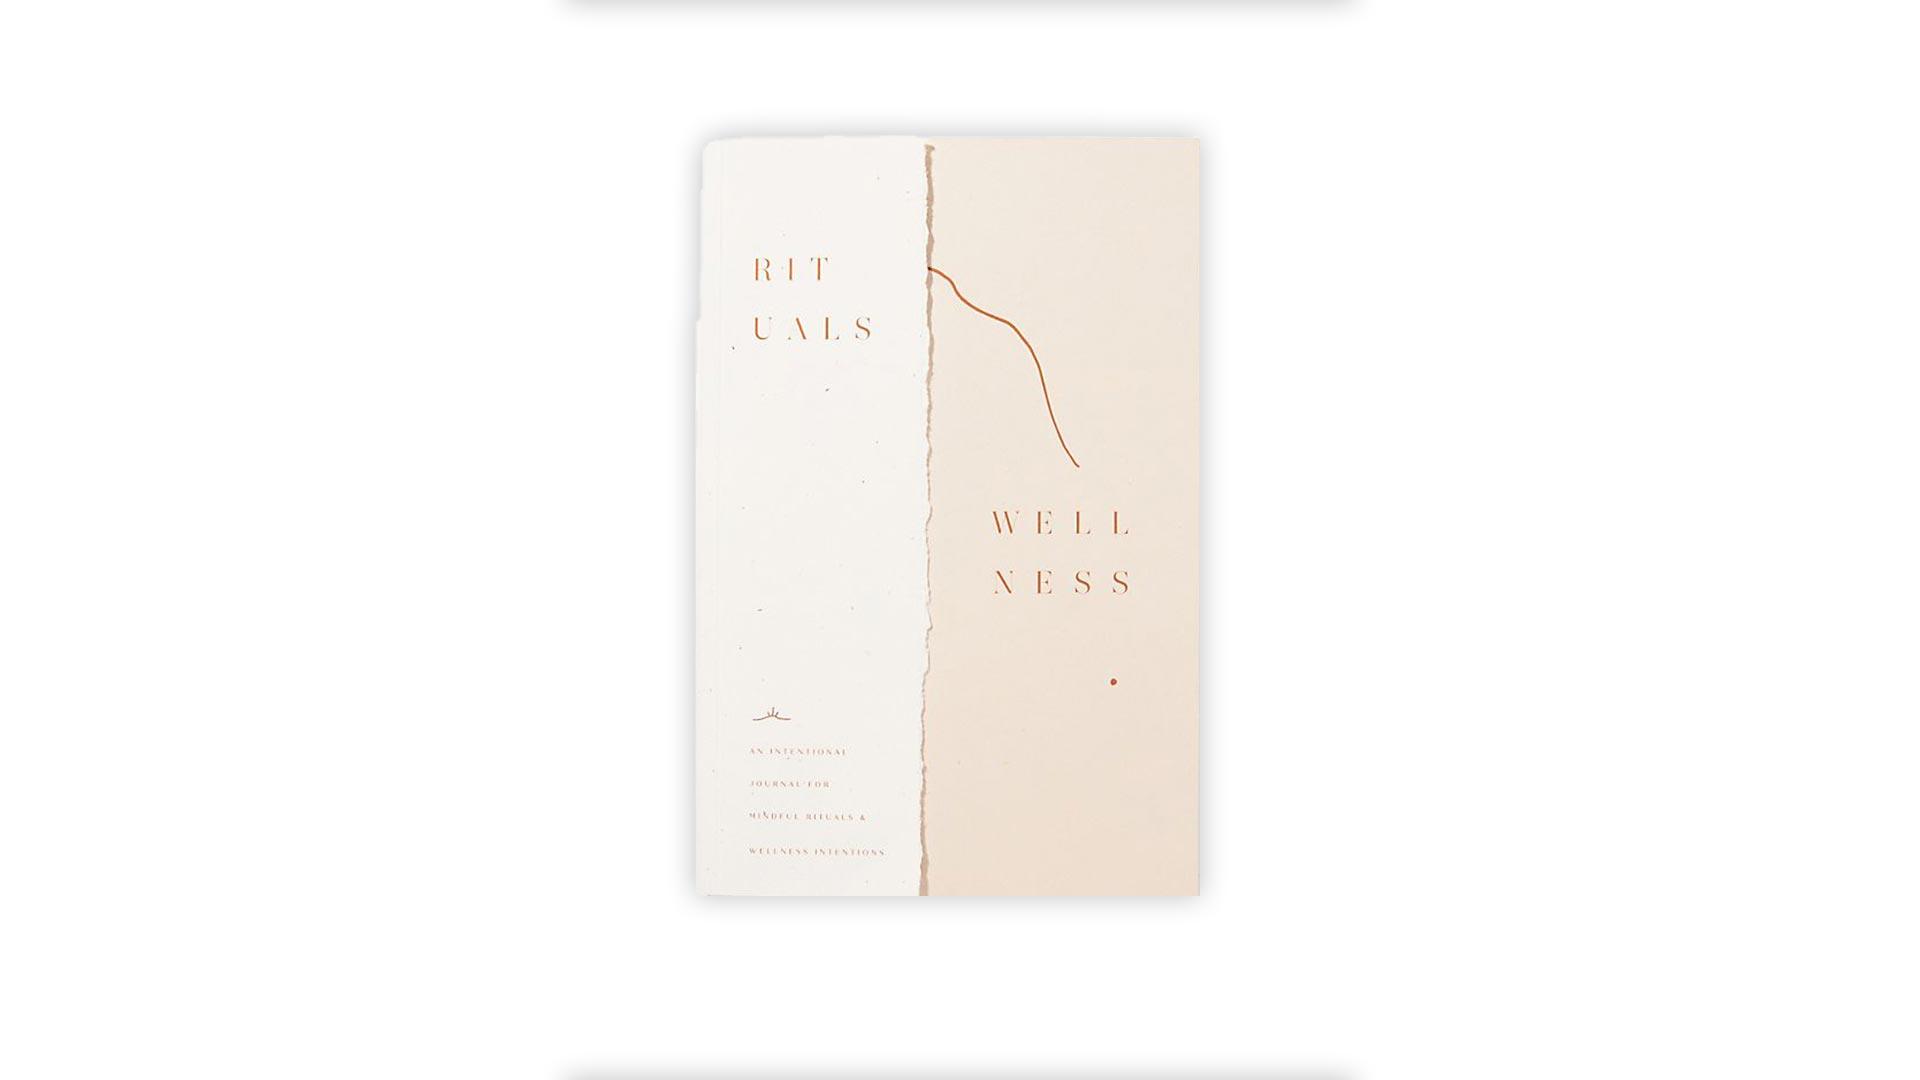 Rituals & Wellness Journal